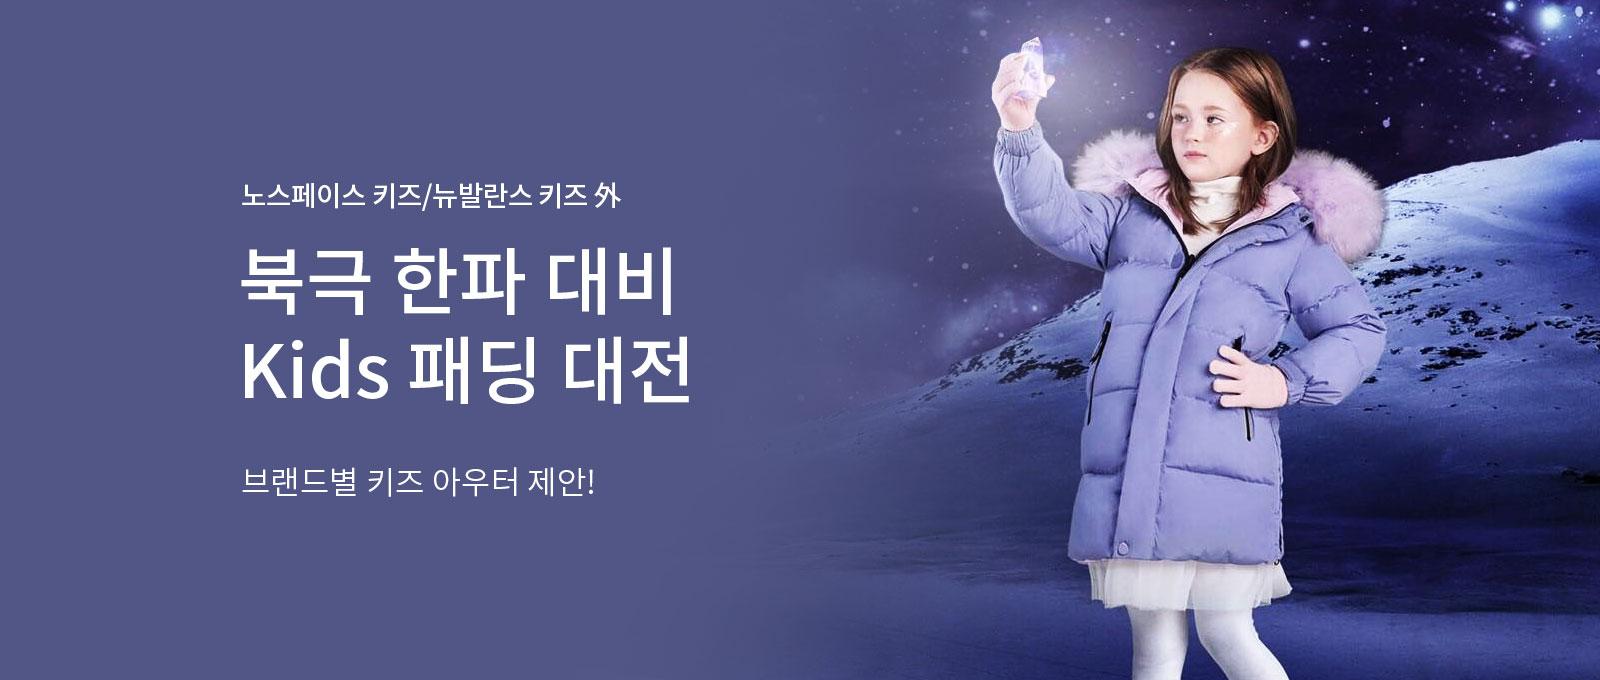 노스페이스 키즈/뉴발란스 키즈 外 북극 한파 대비 Kids 패딩 대전 브랜드별 키즈 아우터 제안!